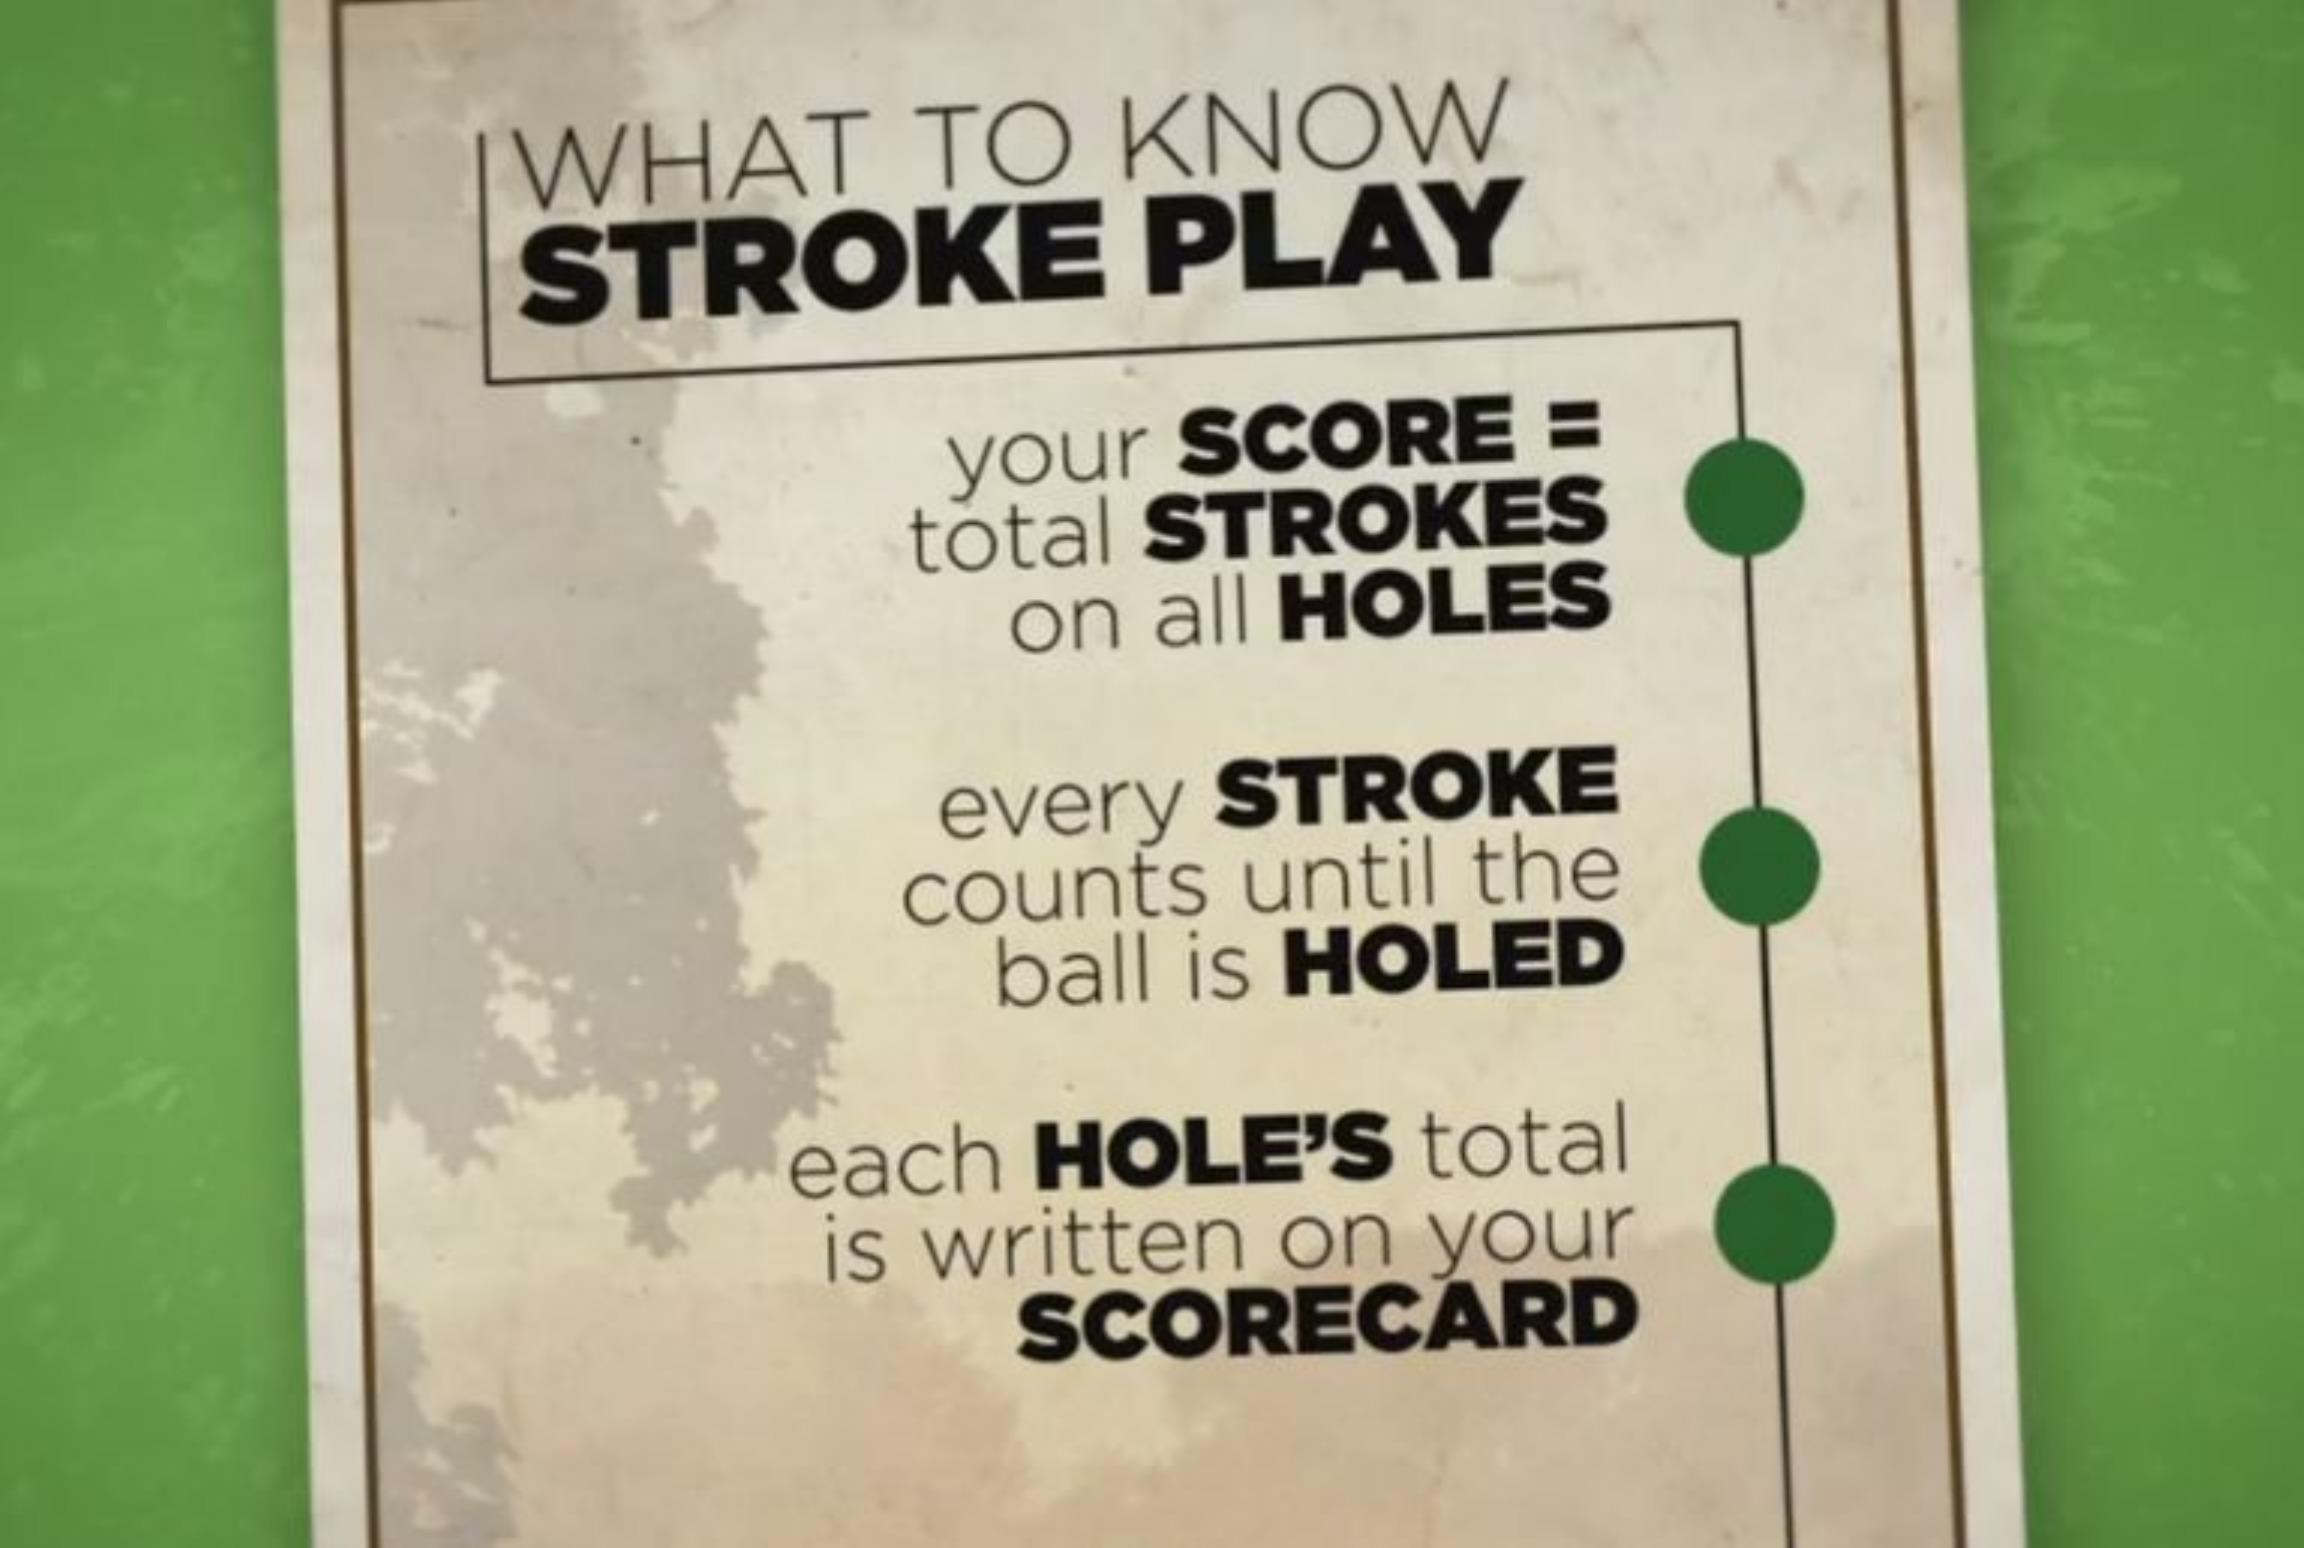 stroke-play-keypoints-582de0715f9b58d5b17f05df